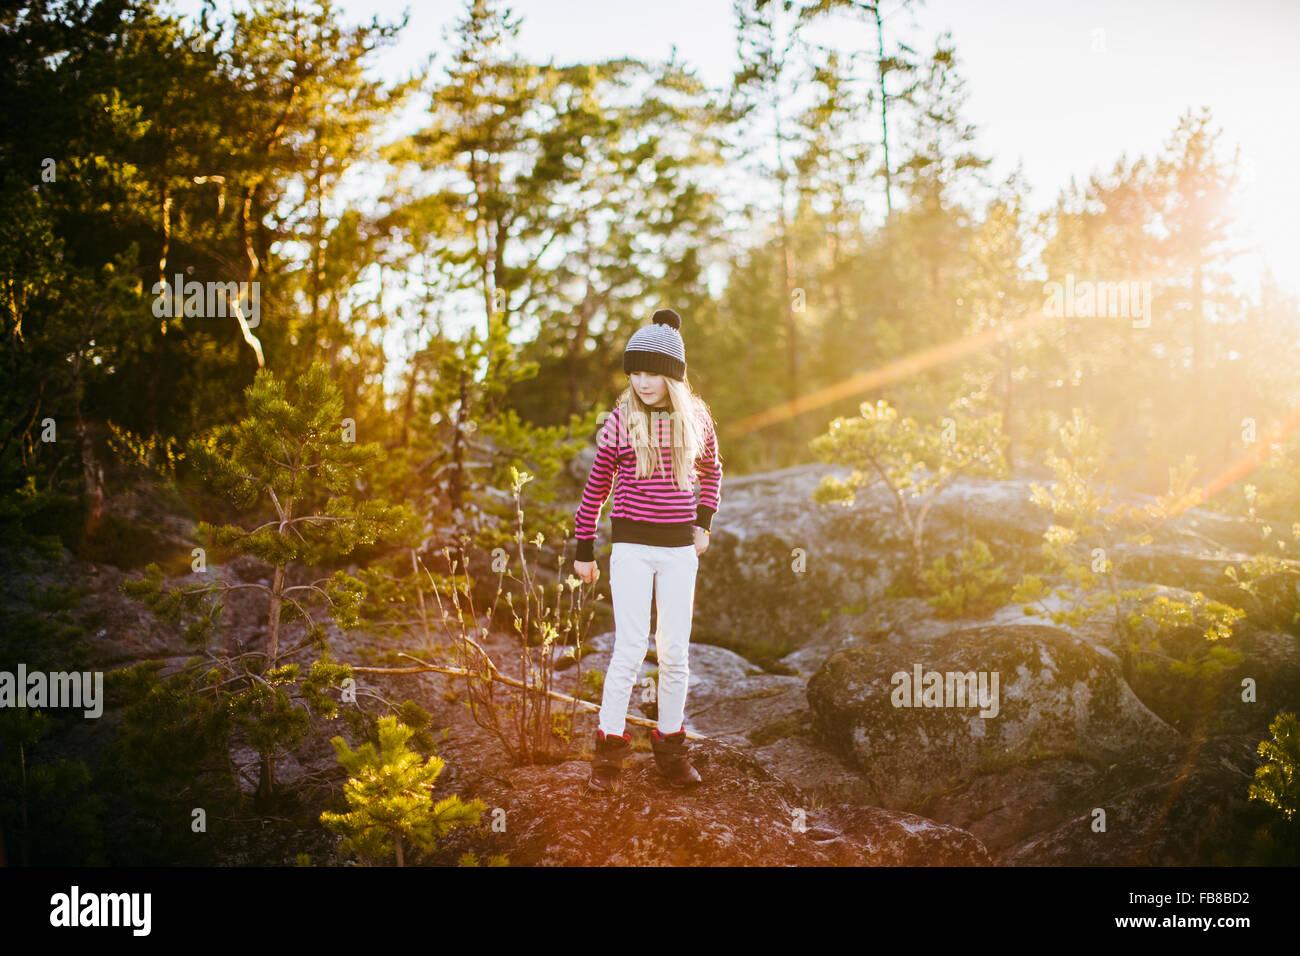 La Suède, Medelpad, Sundsvall, Juniskar, Portrait of Girl (10-11) standing in forest sur sunny day Banque D'Images